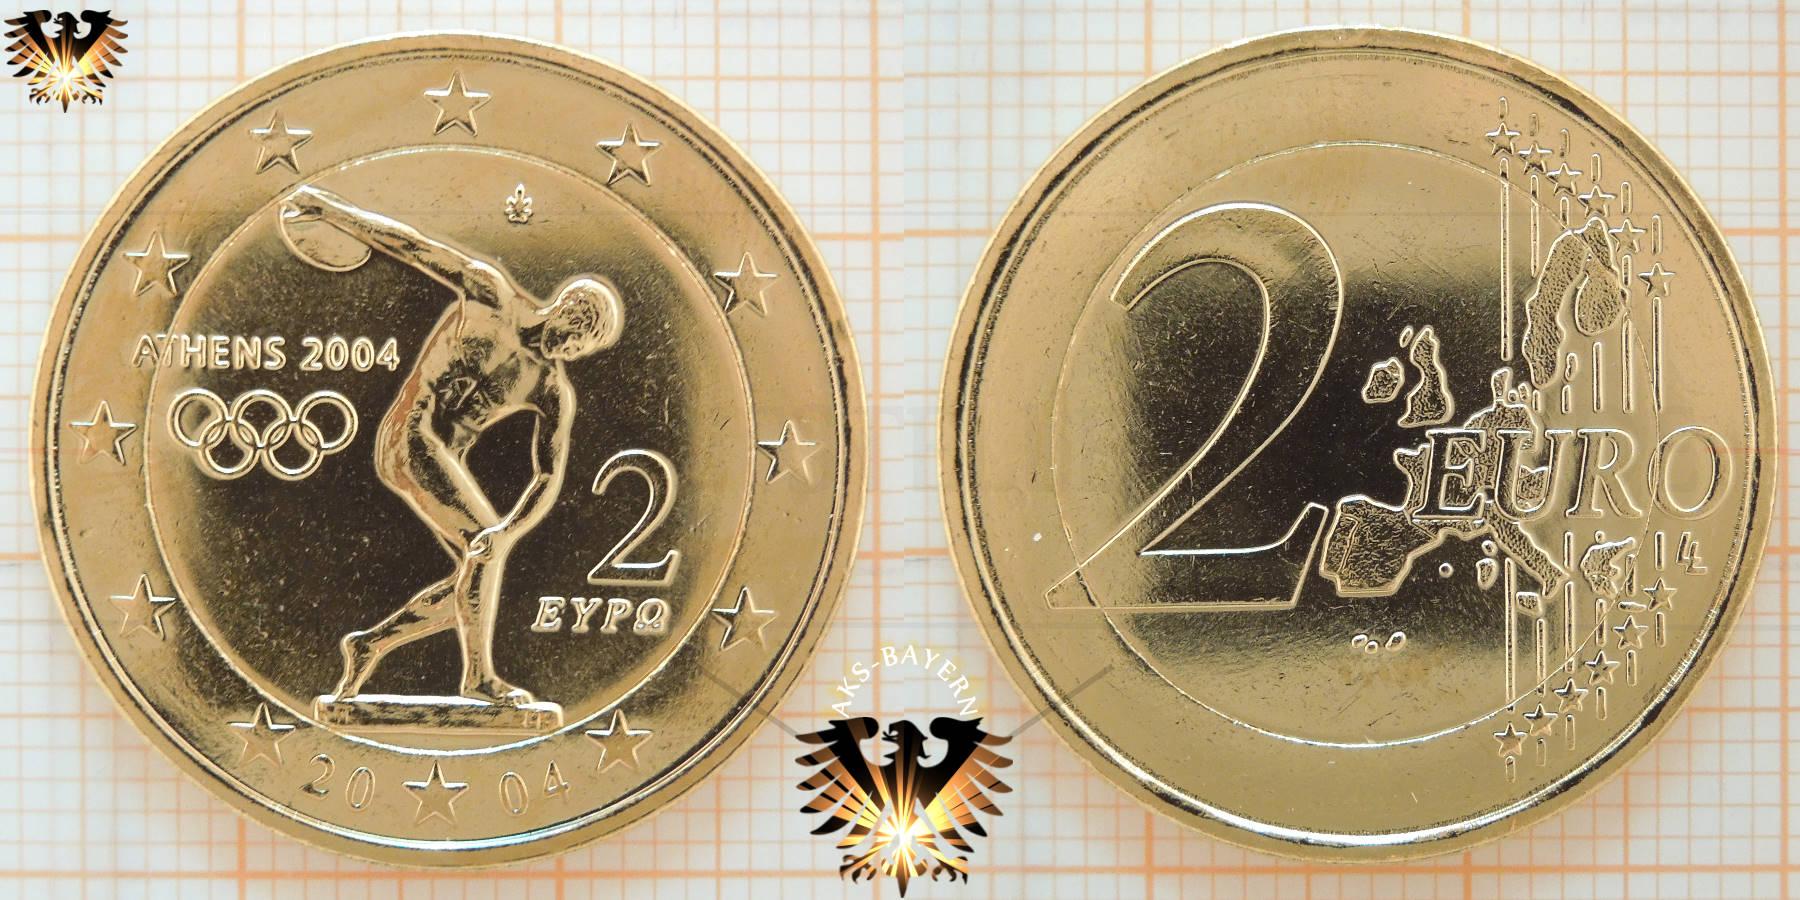 Münzen Mit Wert Deutsche Münzen Wert